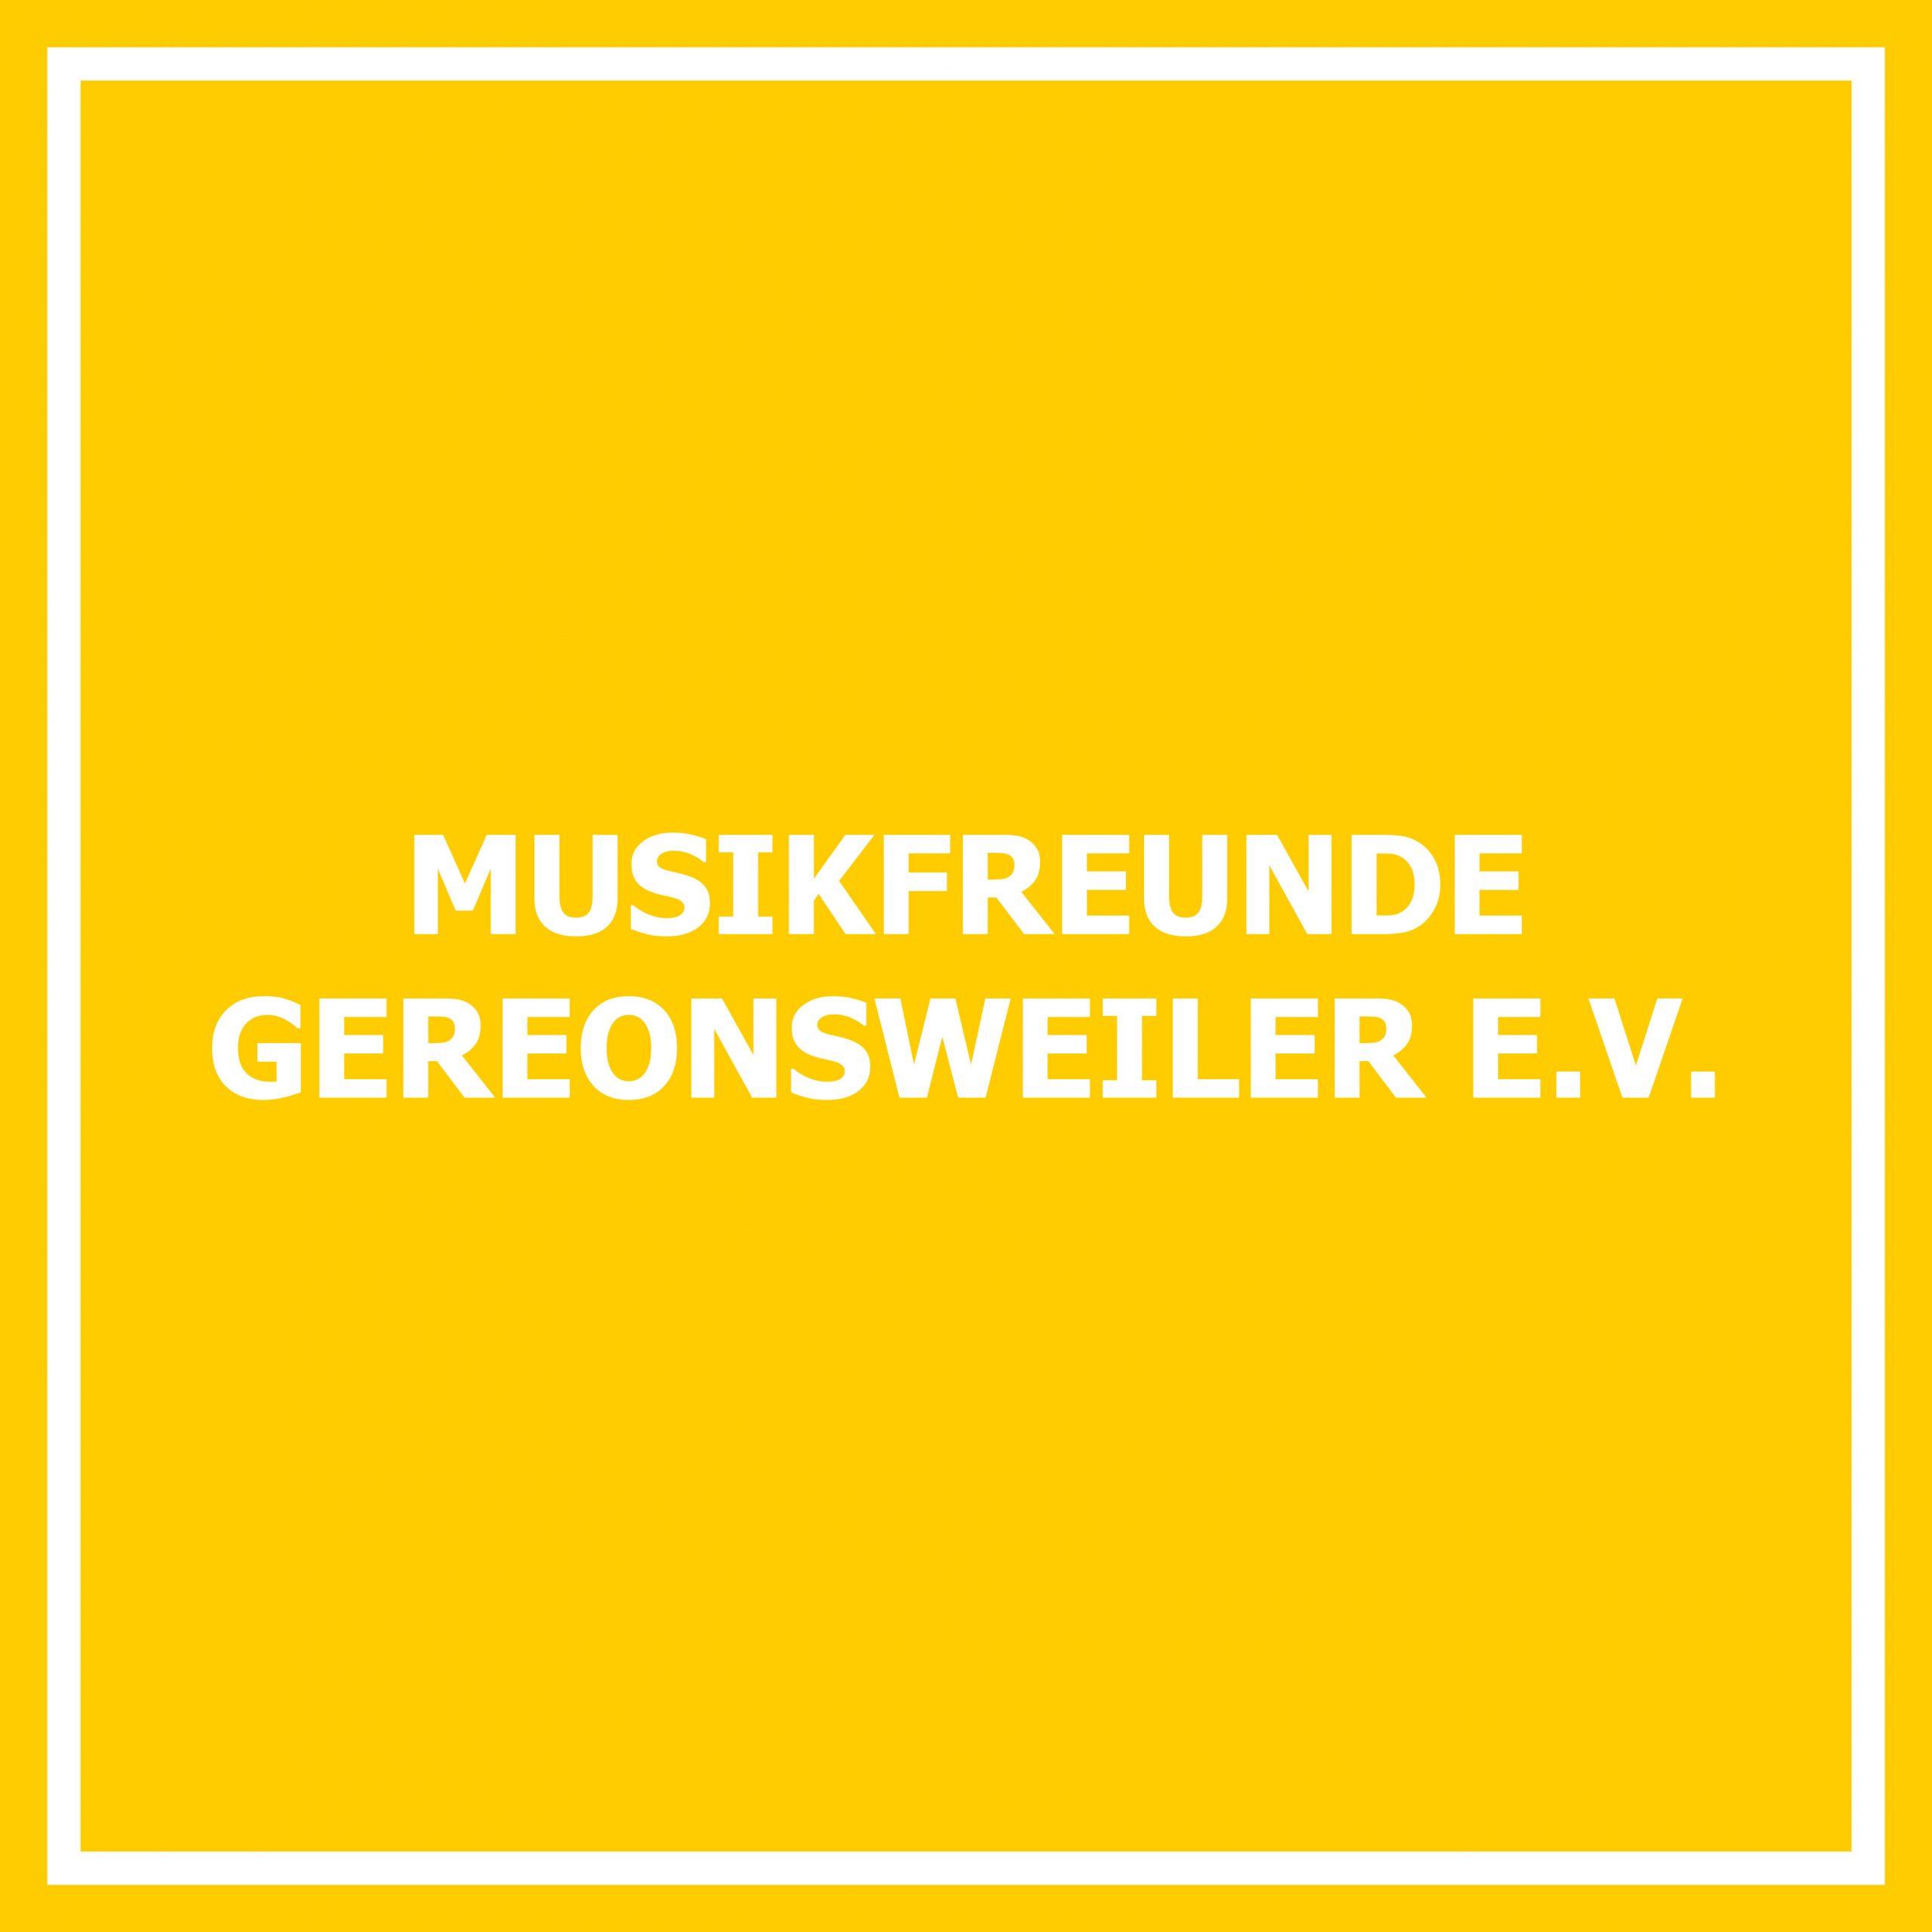 Musikfreunde Gereonsweiler e. V.